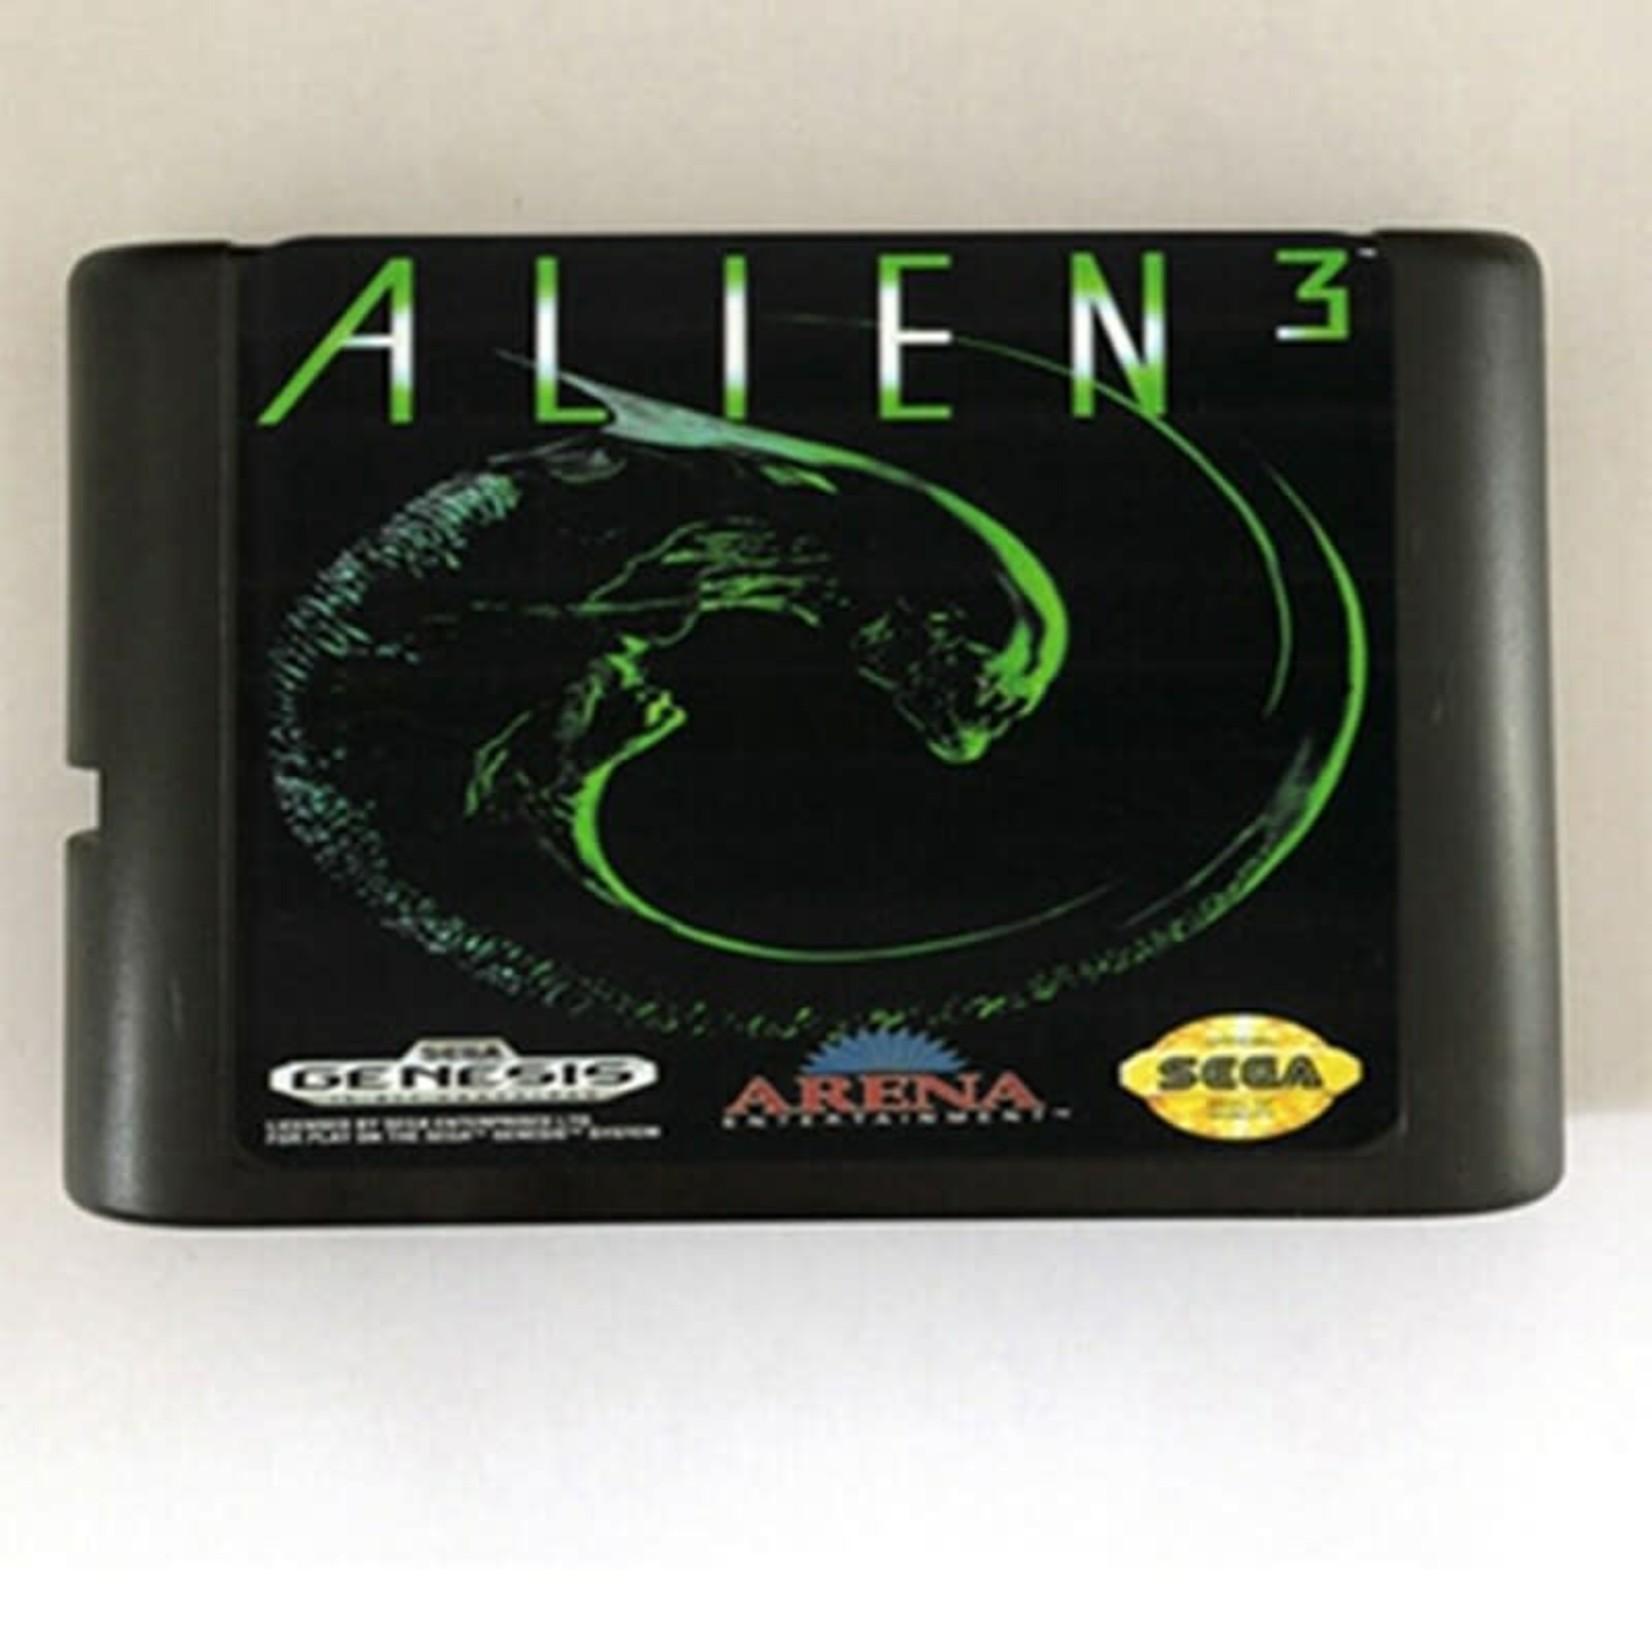 sgu-Alien 3 (cartridge)